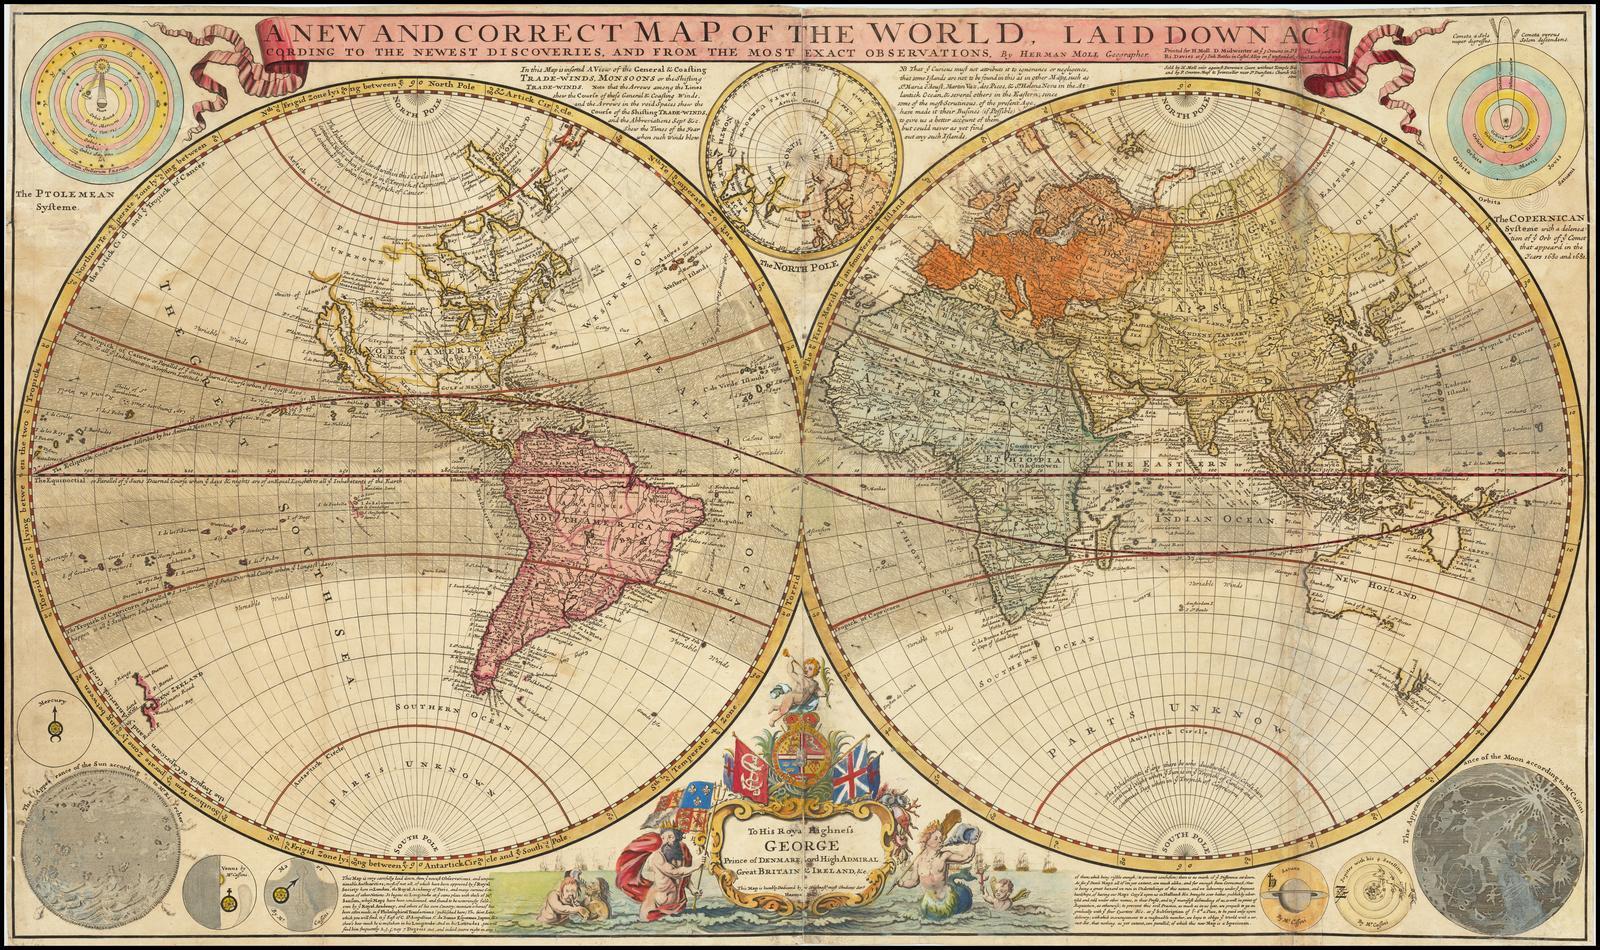 Английская настенная карта мира составленная по новейшим открытиям и из самых точных наблюдений